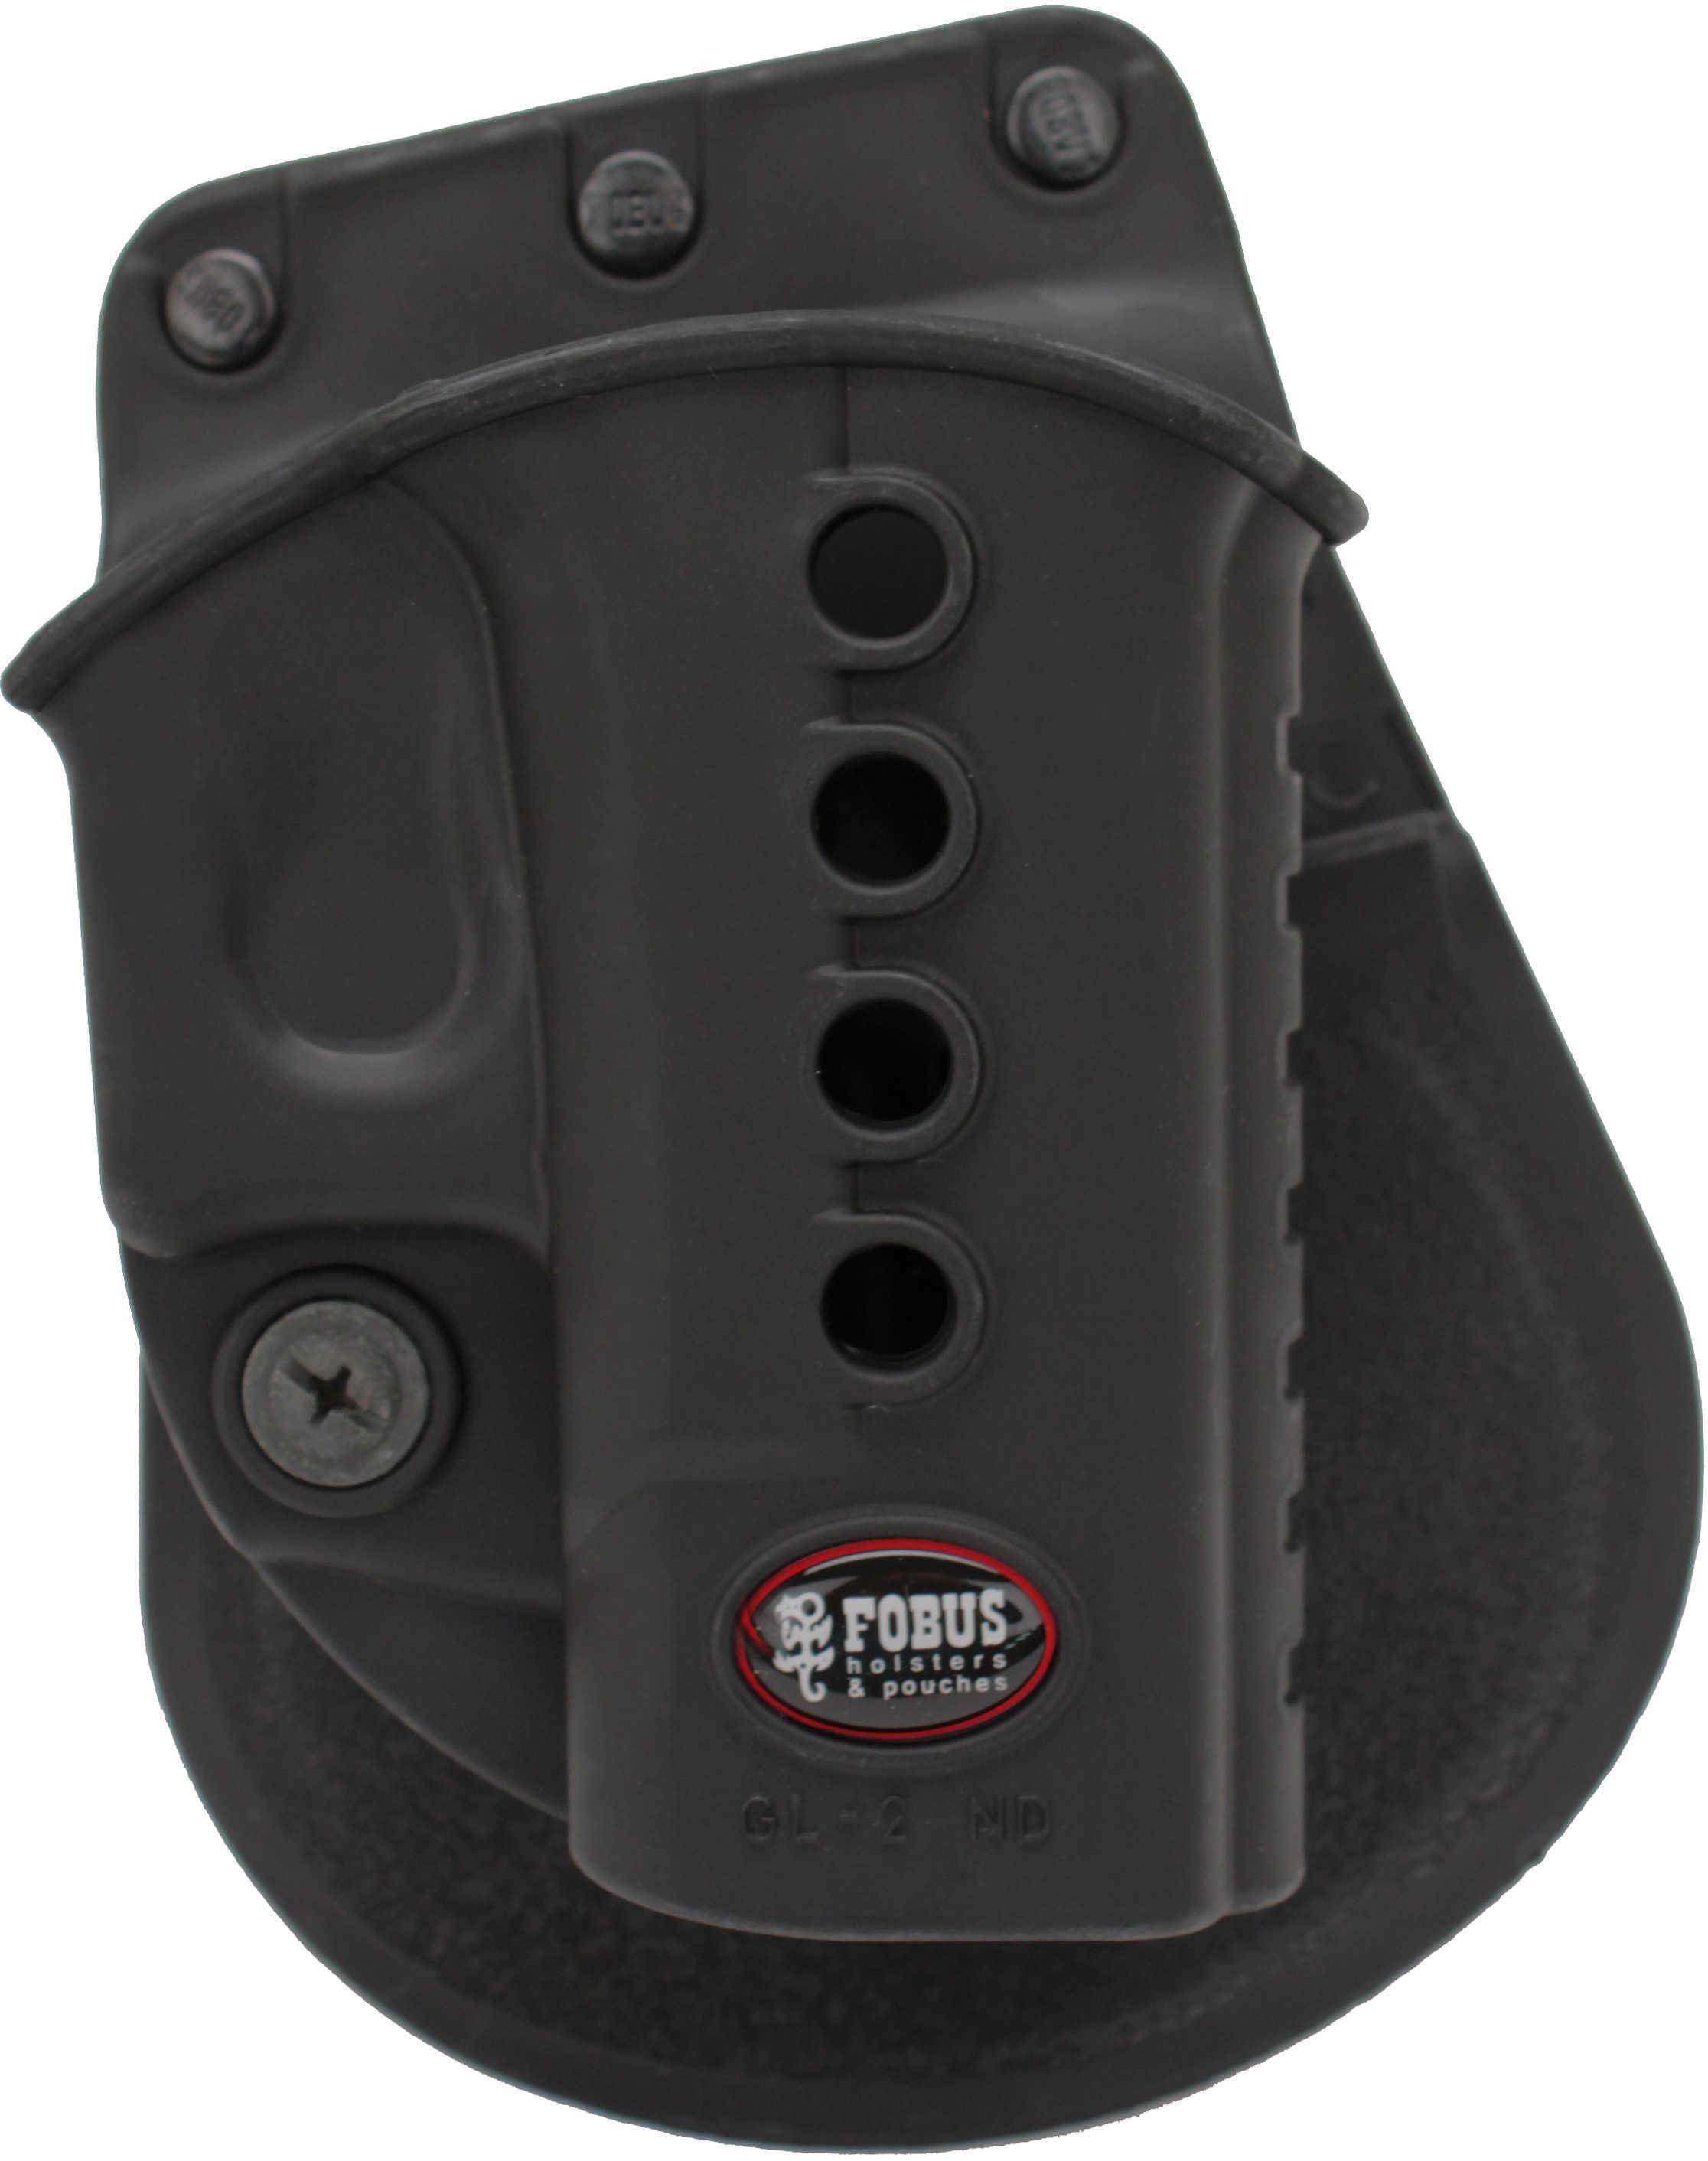 Fobus E2 Evolution Paddle Holster for Glock 17, 19, 22, 23, 26, 27, 33, 34, 35 Md: GL2E2